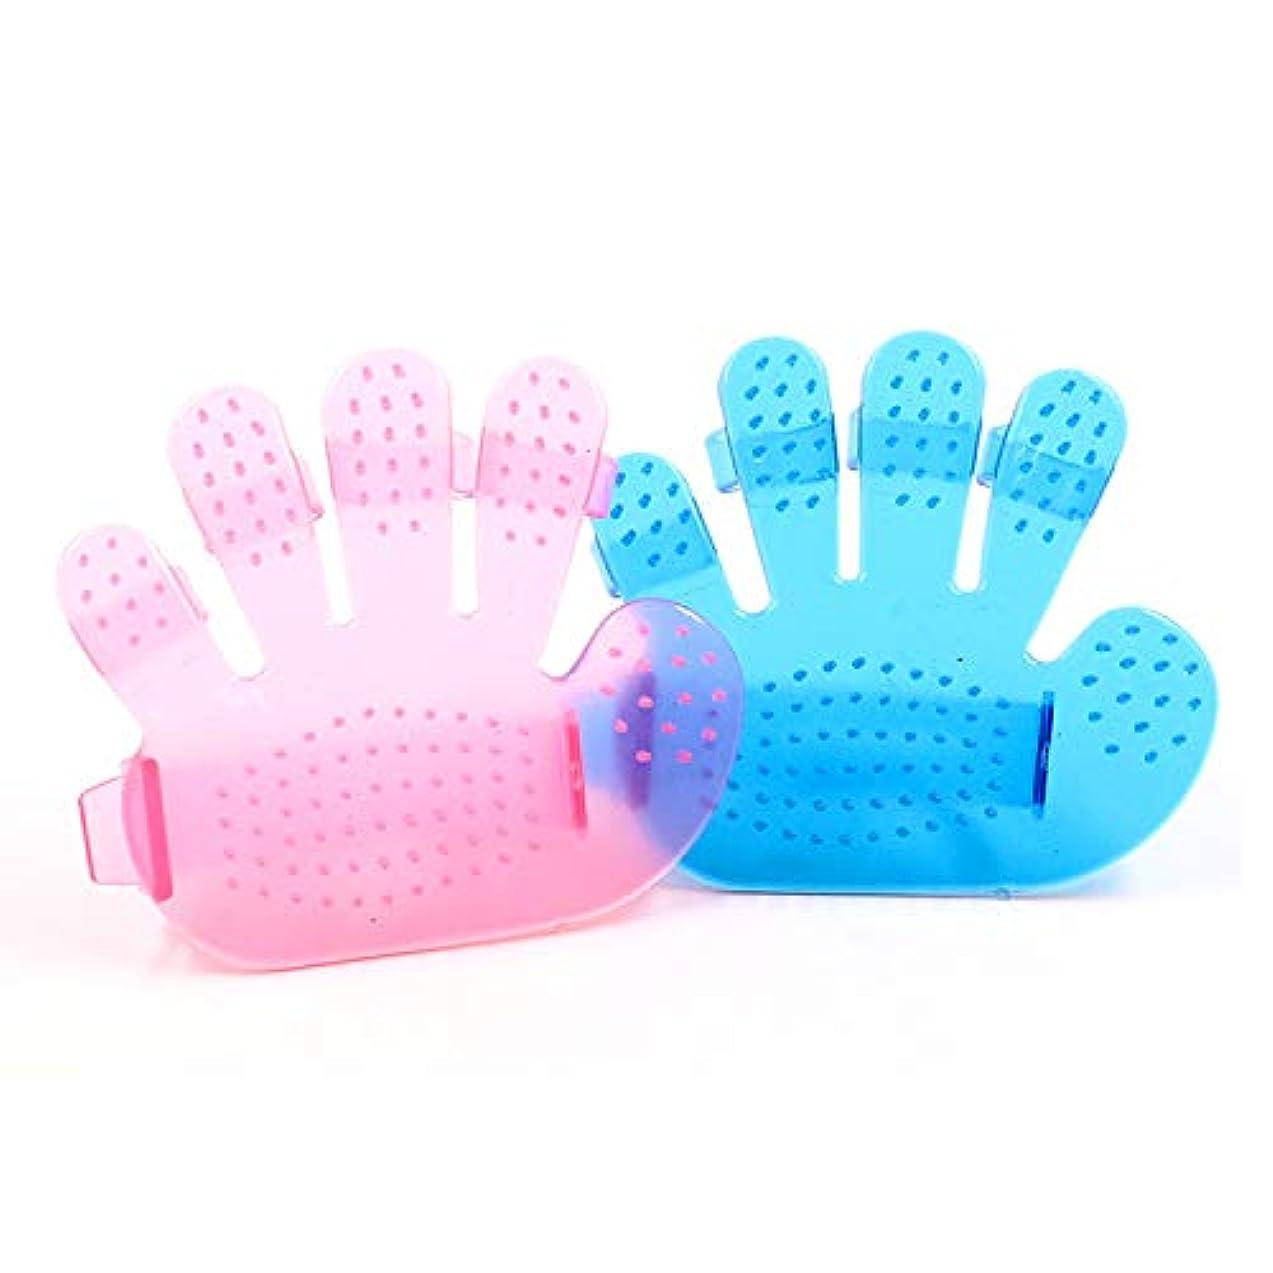 忘れっぽい懇願する議論するBTXXYJP ペット ブラシ 手袋 猫 ブラシ グローブ クリーナー 耐摩耗 抜け毛取り マッサージブラシ 犬 グローブ 10個 (Color : Pink, Size : M-Ten)